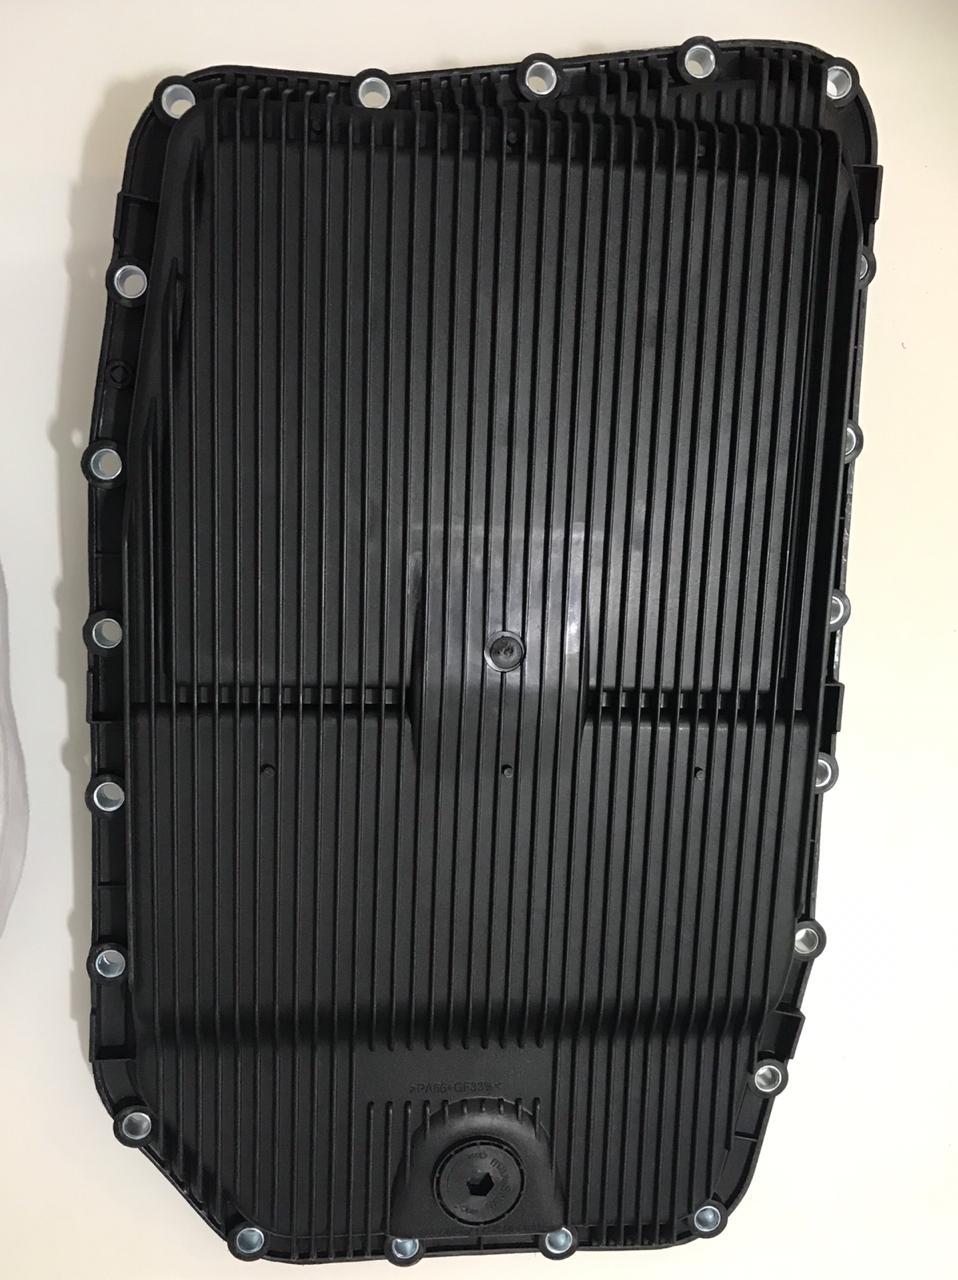 Filtro Carter Cambio Bmw 545i 550i 745i Discovery Audi 6hp26  - Alltrans - Transmissão Automática